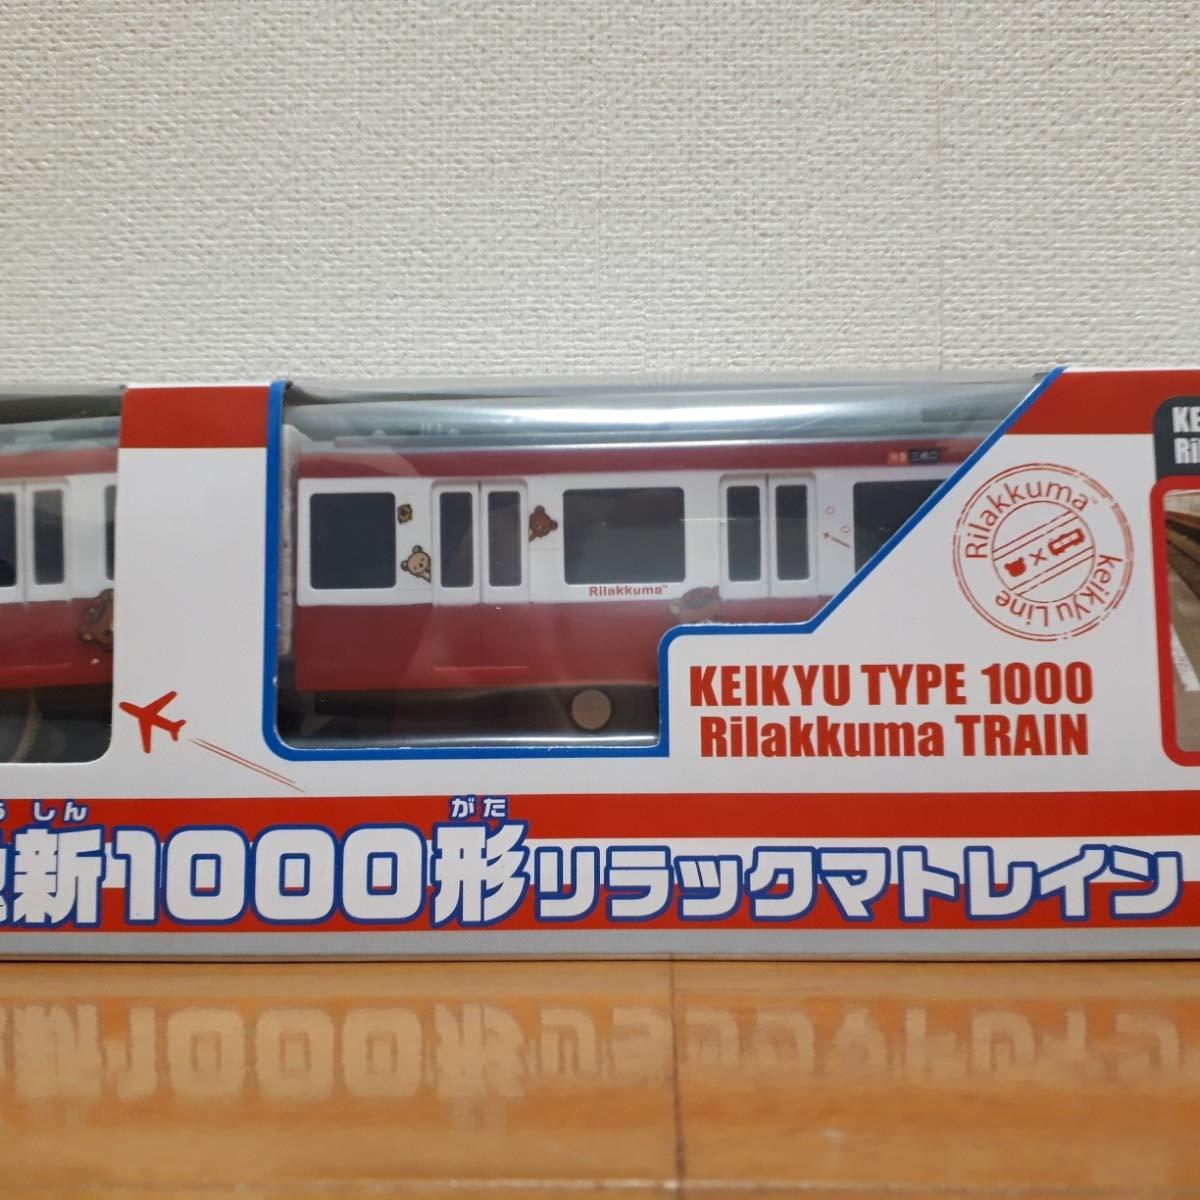 全てのアイテム 鉄道会社オリジナル N1000 限定 Plarail 京急新1000形 リラックマトレイン Keikyu Toy 京浜急行 リラックマ Keikyu Corporation Keikyu N1000 series Plarail B07Q5N4KRN, P-star:756052de --- a0267596.xsph.ru